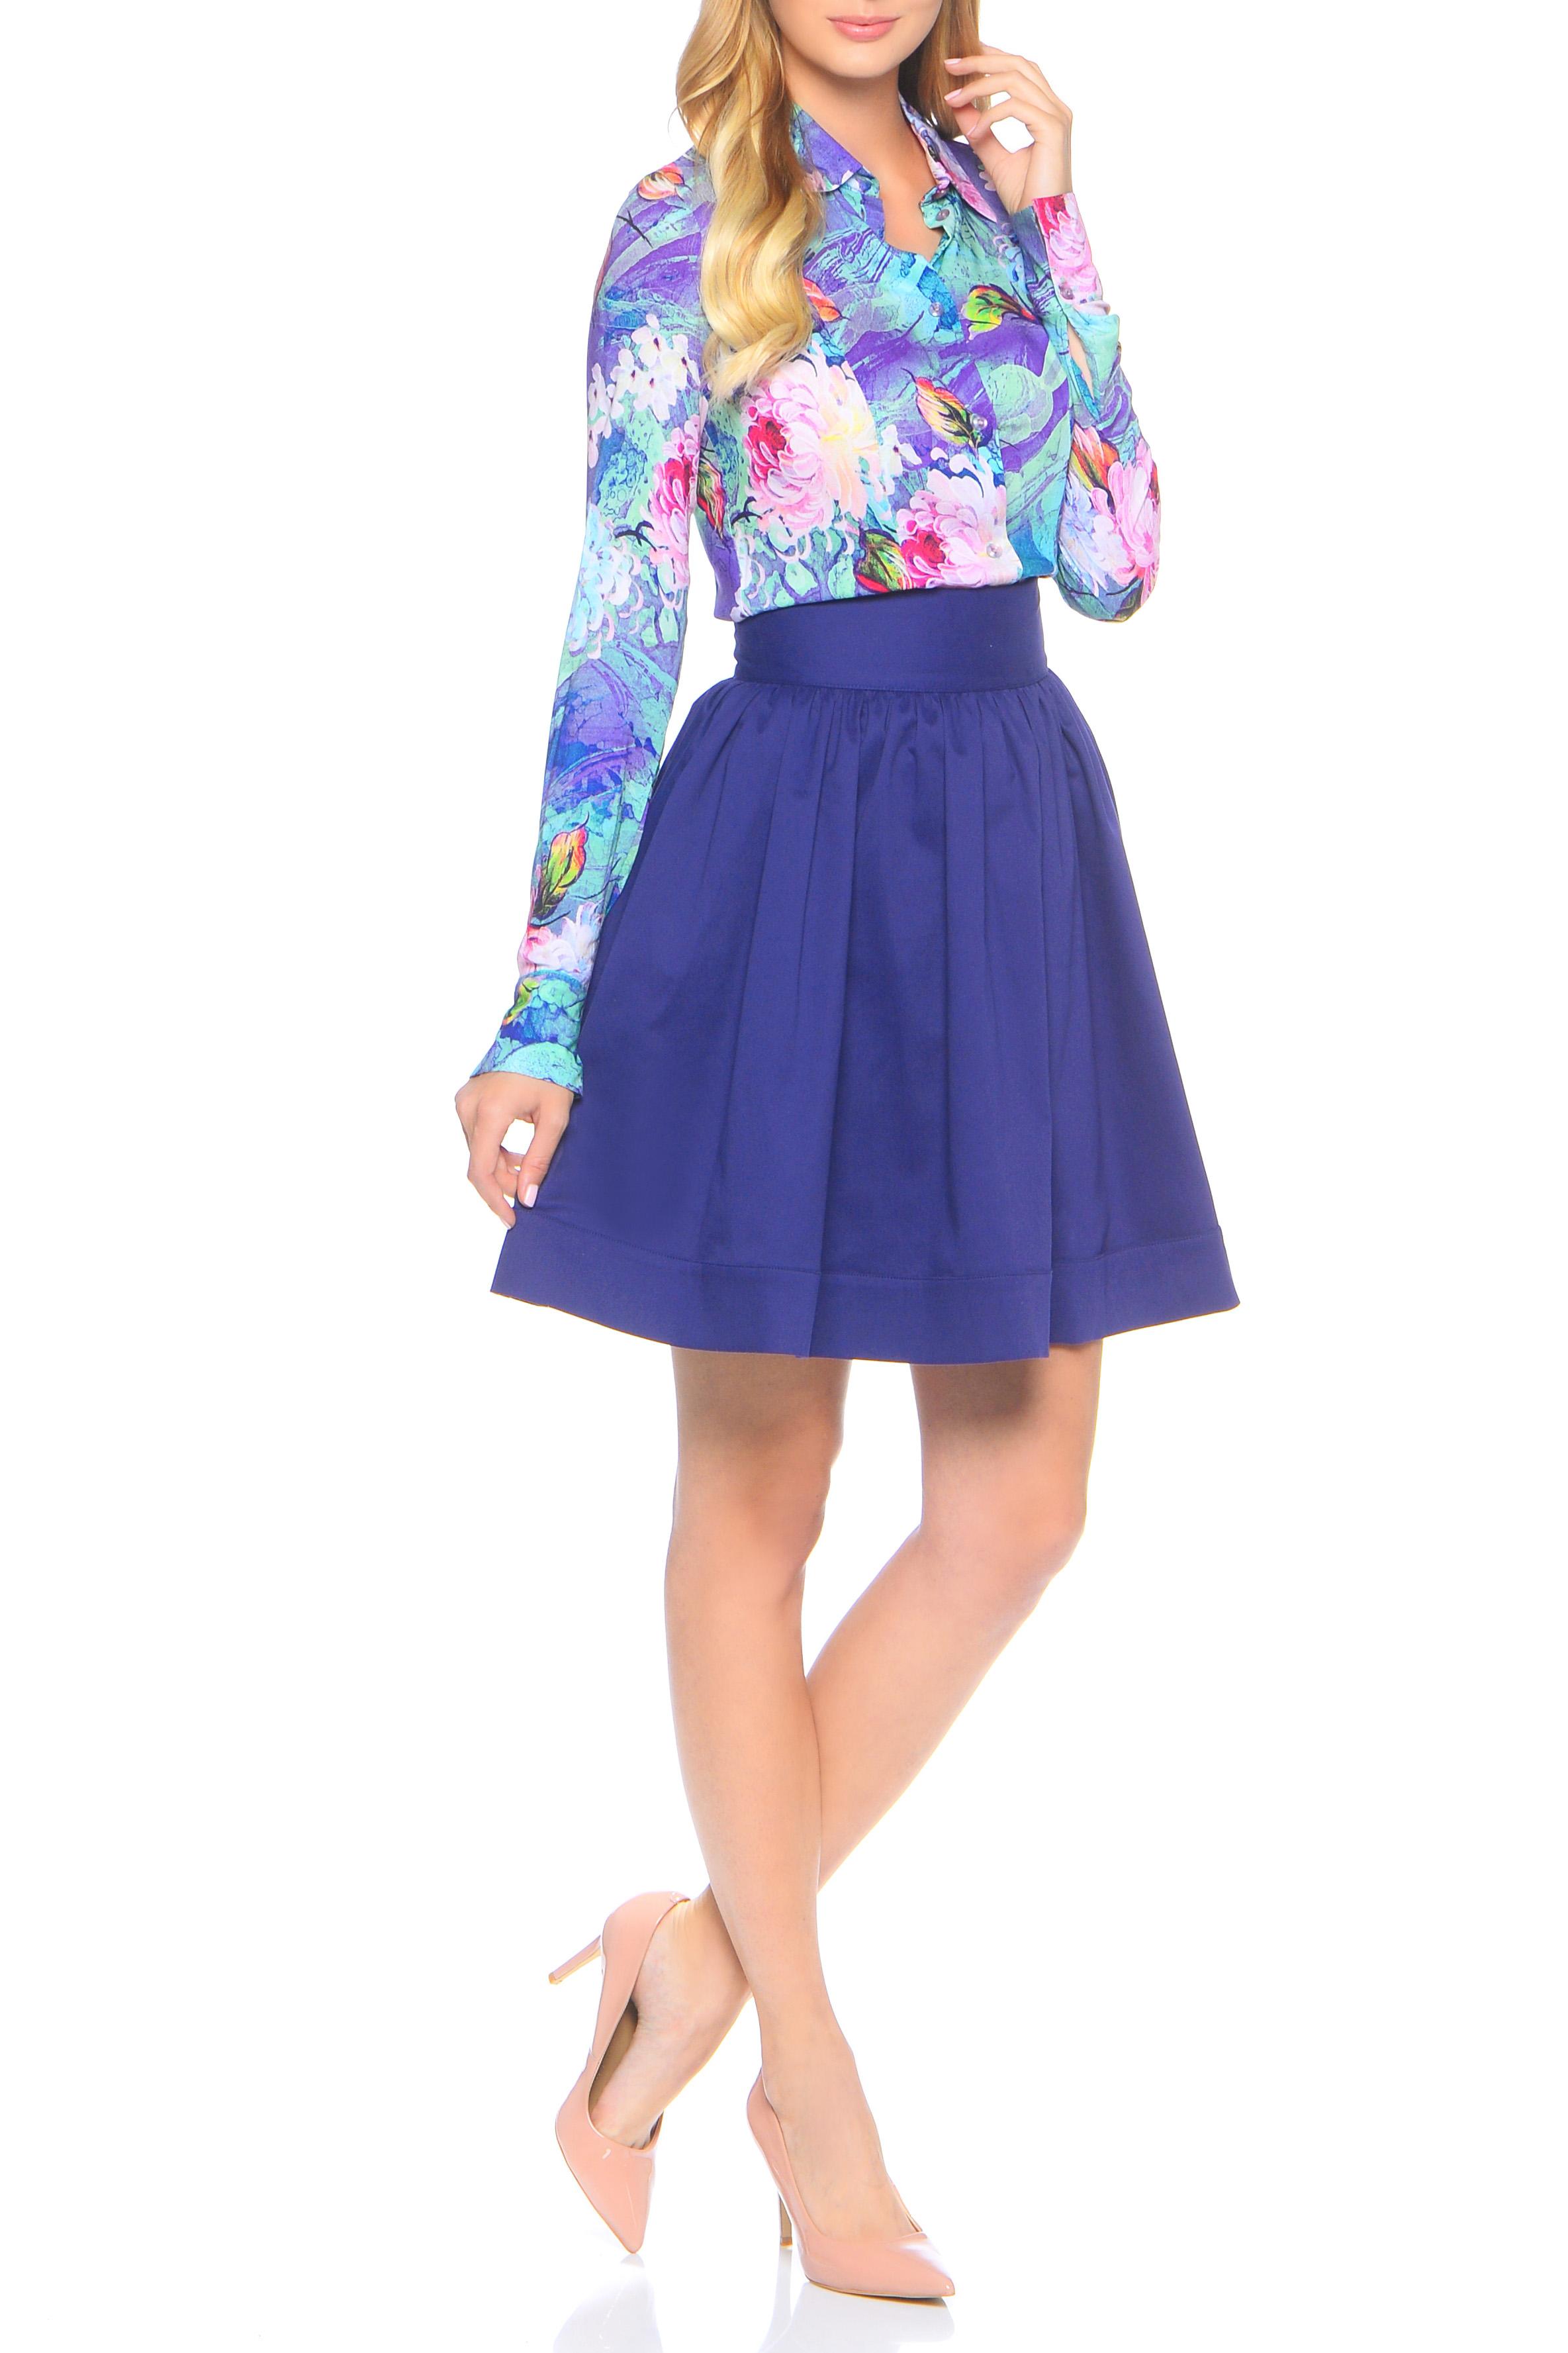 БлузкаБлузки<br>Блузка рубашка прилегающего силуэта из невероятно приятной к телу шелковистой блузочной вискозы. Вертикальный ряд пуговиц спереди, прямой воротник на стойке и длинный рукав с отложной манжетой, которая легко quot;наращиваетquot; длину рукава при большом росте. Универсальная длина рубашки до бедра позволяет высоким девушкам носить ее на выпуск, а миниатюрным заправляя в брюки и юбку. Плюс - абстрактный цветочный принт, который позволяет комплектовать блузку с любыми базовыми вещами гардероба, вне зависимости от сезона. Блуза облегающего силуэта.   Ростовка изделия 170 см.  В изделии использованы цвета: голубой, сиреневый и др.  Параметры размеров: 42 размер соответствует обхвату груди 80 см;  44 размер соответствует обхвату груди 84 см;  46 размер соответствует обхвату груди 88 см;  48 размер соответствует обхвату груди 92 см;  50 размер соответствует обхвату груди 98 см;  52 размер соответствует обхвату груди 100 см;  54 размер соответствует обхвату груди 100 см.<br><br>Горловина: Фигурная горловина<br>Застежка: С пуговицами<br>По материалу: Вискоза,Тканевые<br>По рисунку: Растительные мотивы,С принтом,Цветные,Цветочные<br>По сезону: Весна,Зима,Лето,Осень,Всесезон<br>По силуэту: Прямые<br>По стилю: Повседневный стиль<br>По элементам: С манжетами<br>Рукав: Длинный рукав<br>Размер : 42,46,54<br>Материал: Вискоза<br>Количество в наличии: 3